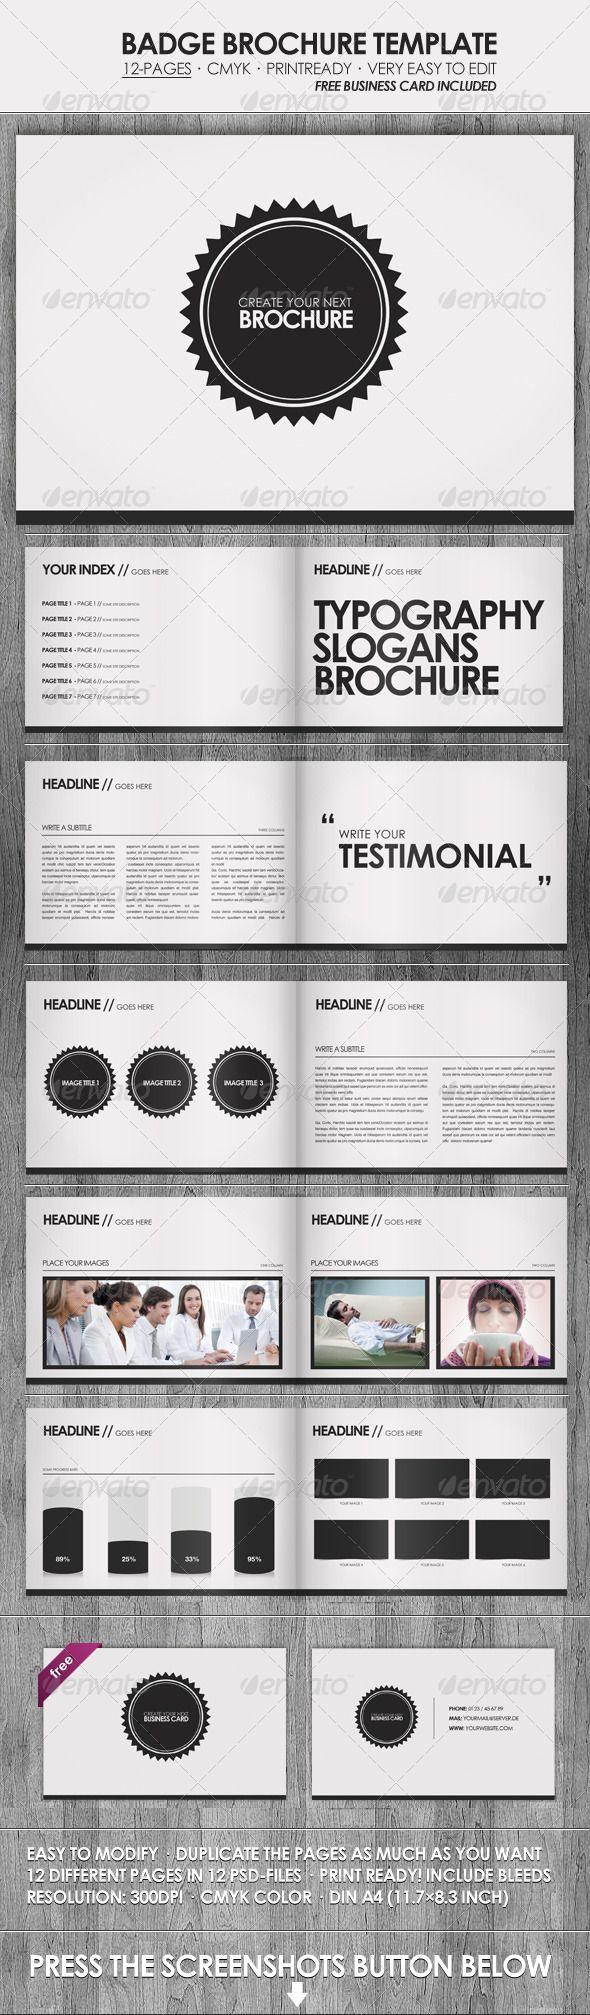 Badge - Brochure / Presentation Template | Grafiken und Schöner